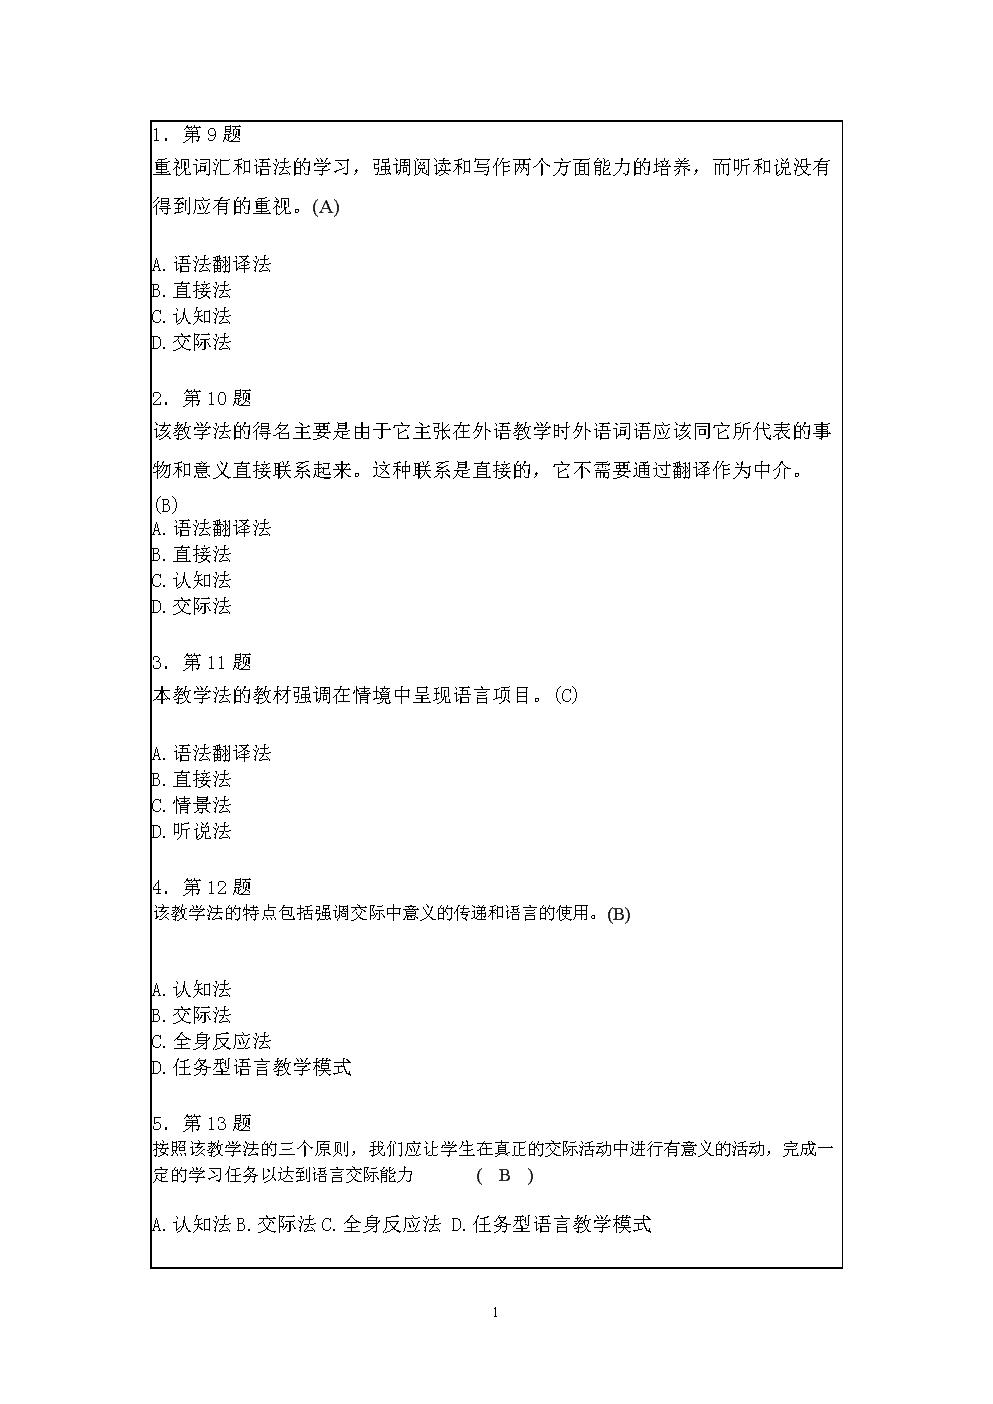 作业英语教学理论MicrosoftWord文档.doc